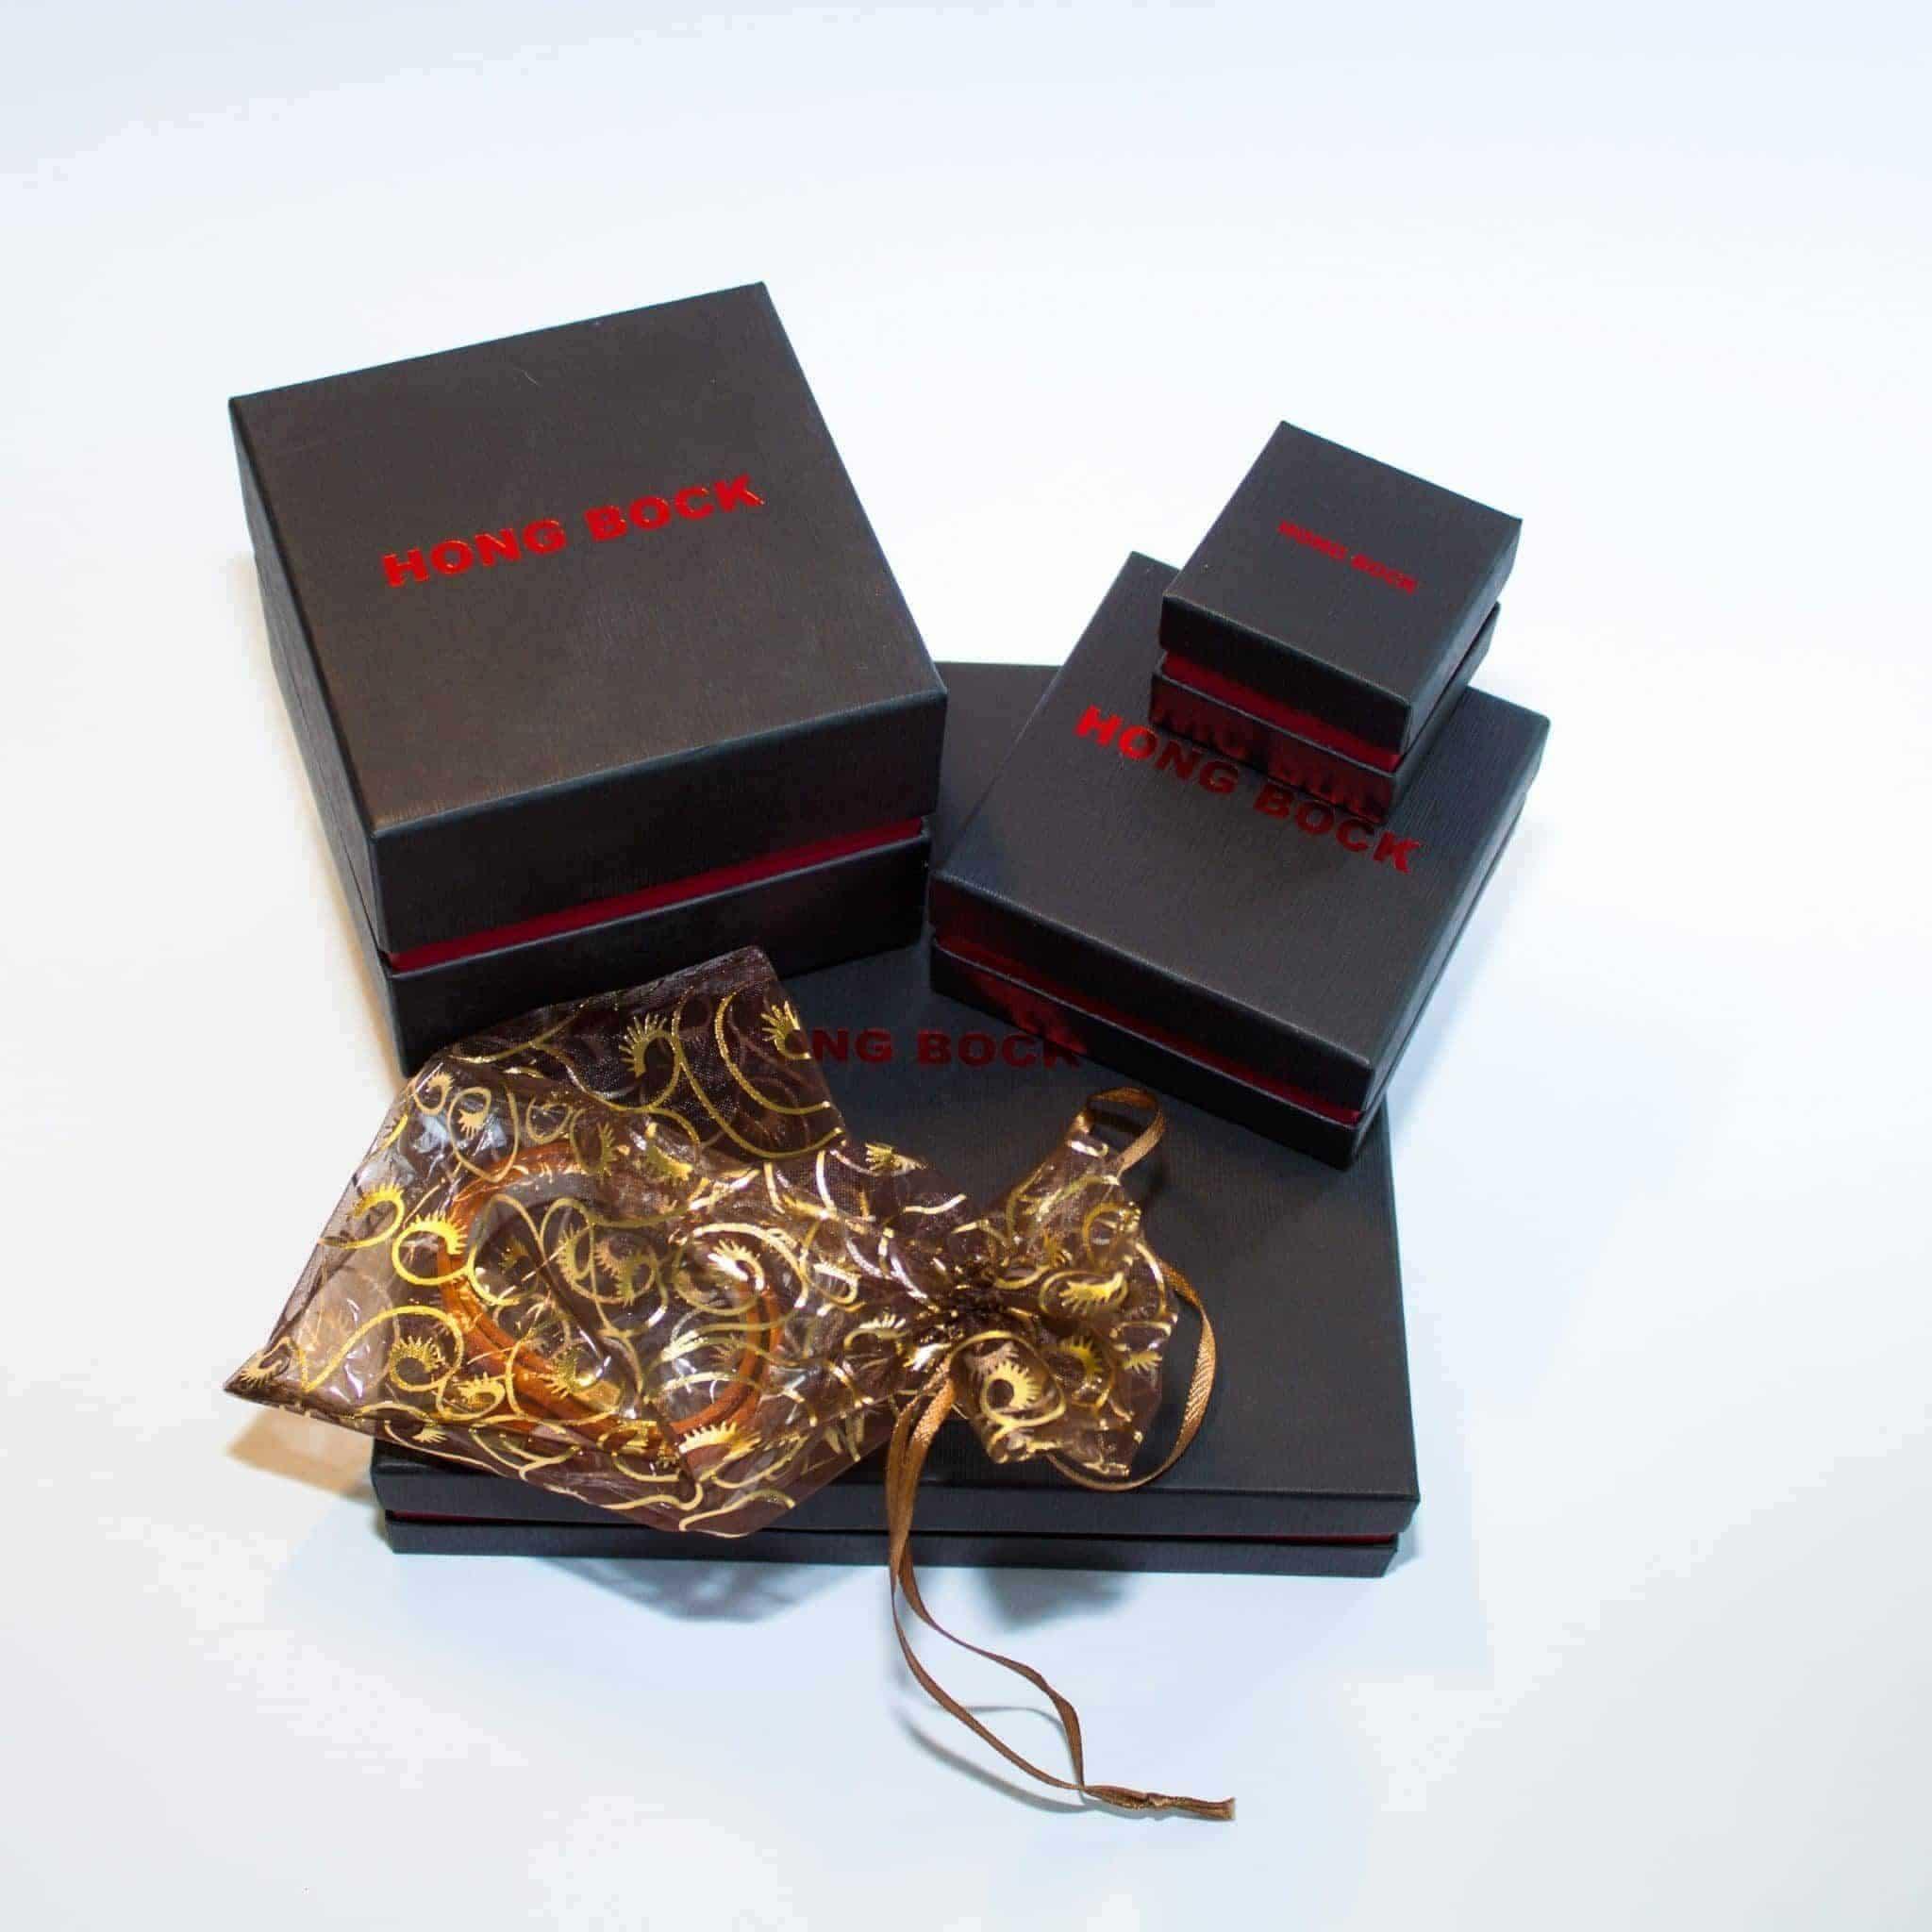 HONG BOCK-Süsswasser Perlen kette Barocke in ca 15x17mm gold mit Carabiener Verschluss.-2324